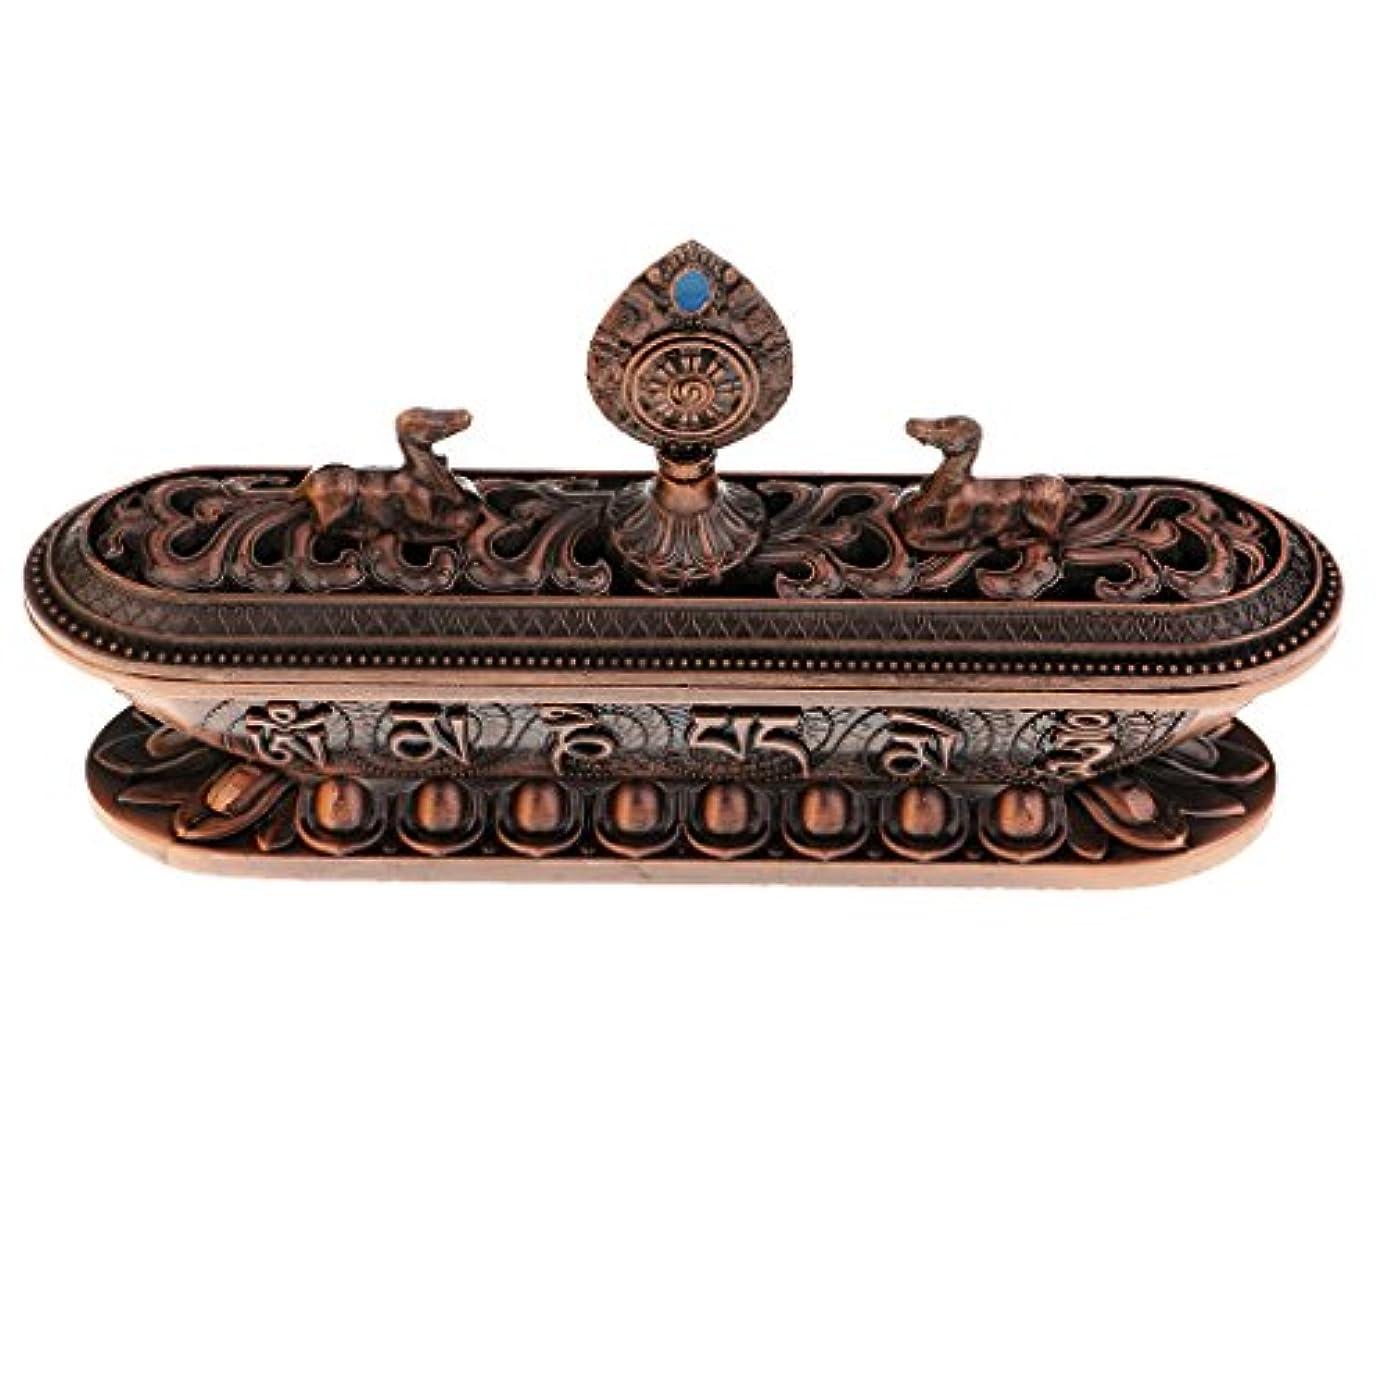 きつくパンチ慢性的Fenteer 仏教香炉バーナー 合金 テーブル ホーム インテリア 仏教用品 ホルダー 香炉 バーナー 合金 6タイプ選べる - #3